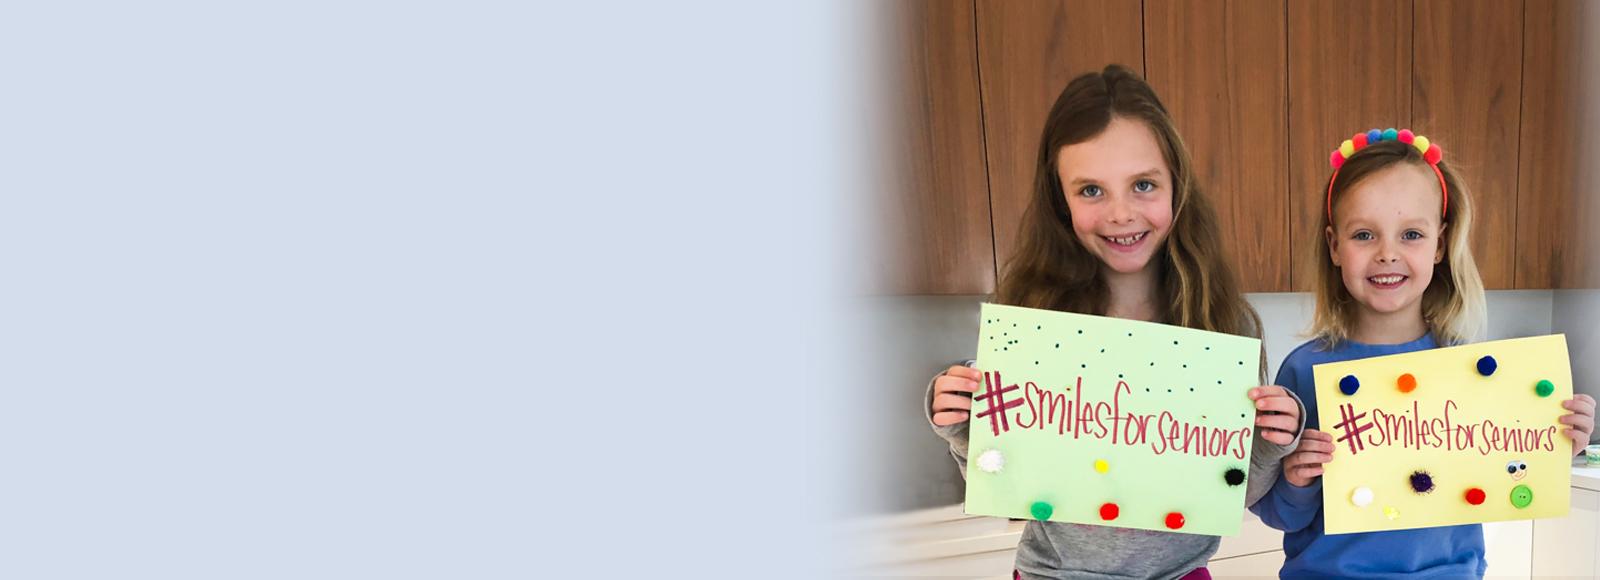 Kids holding #smilesforseniors signs